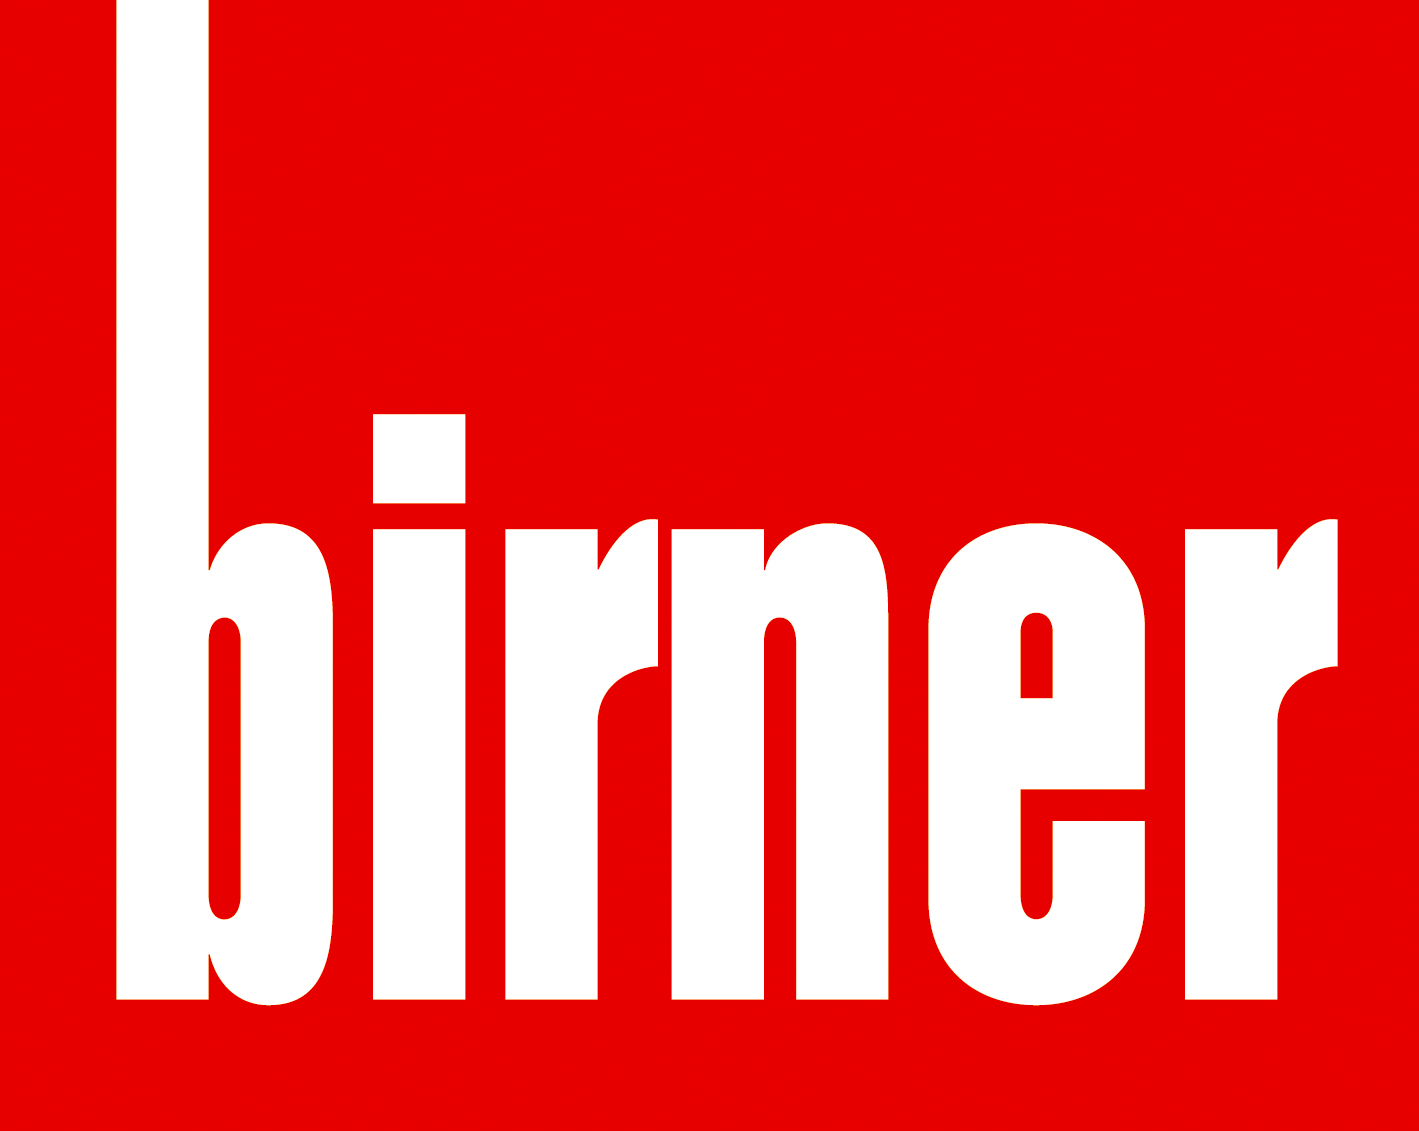 Birner Feldbach